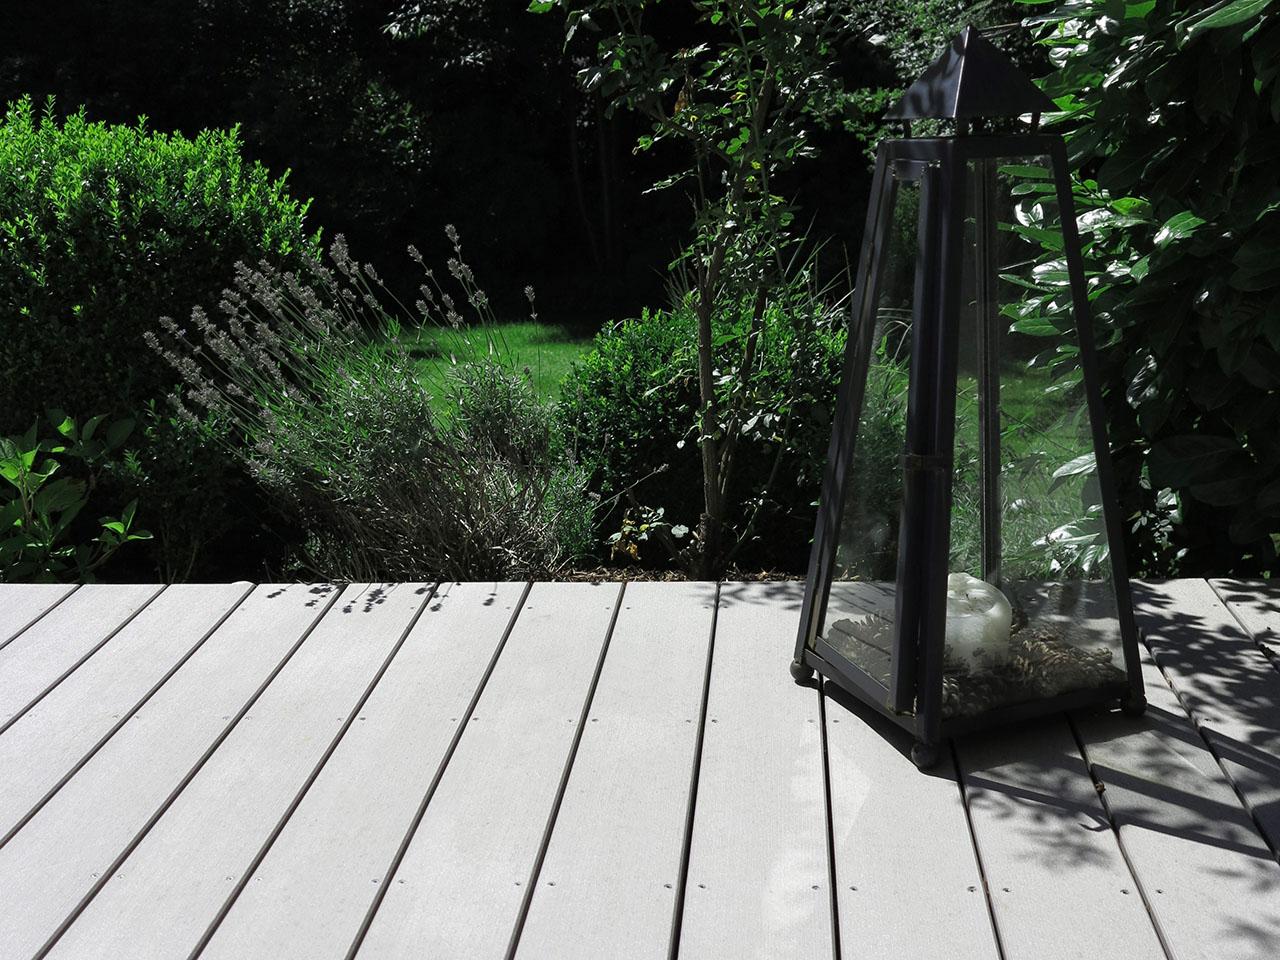 MYDECK Vollprofile auf einer Außenfläche verlegt und mit großem Windlicht dekoriert